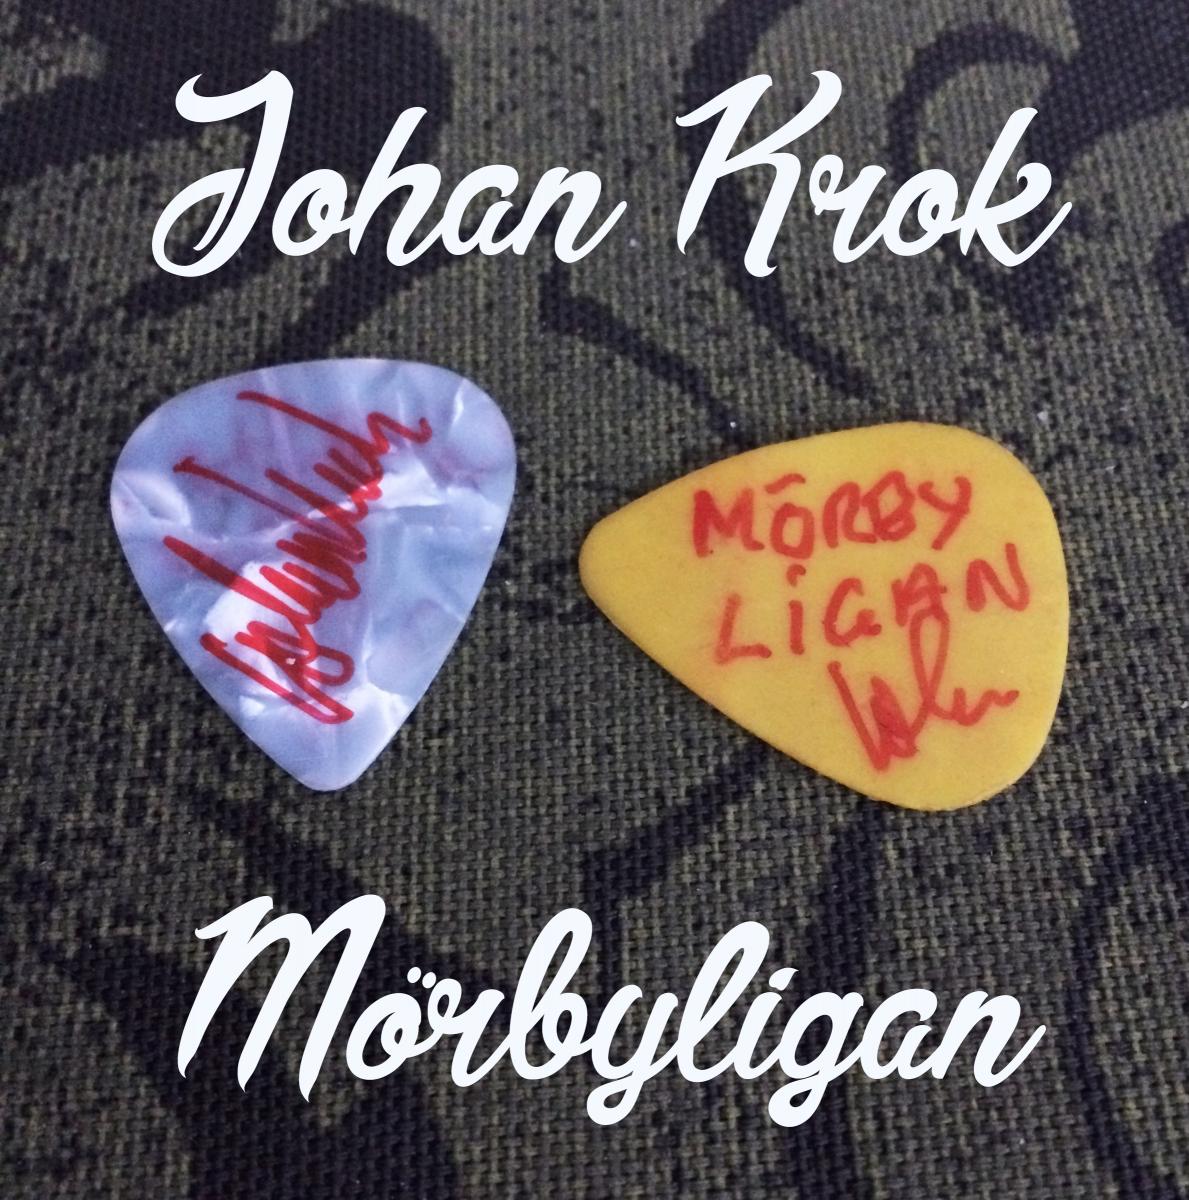 Johan Krok